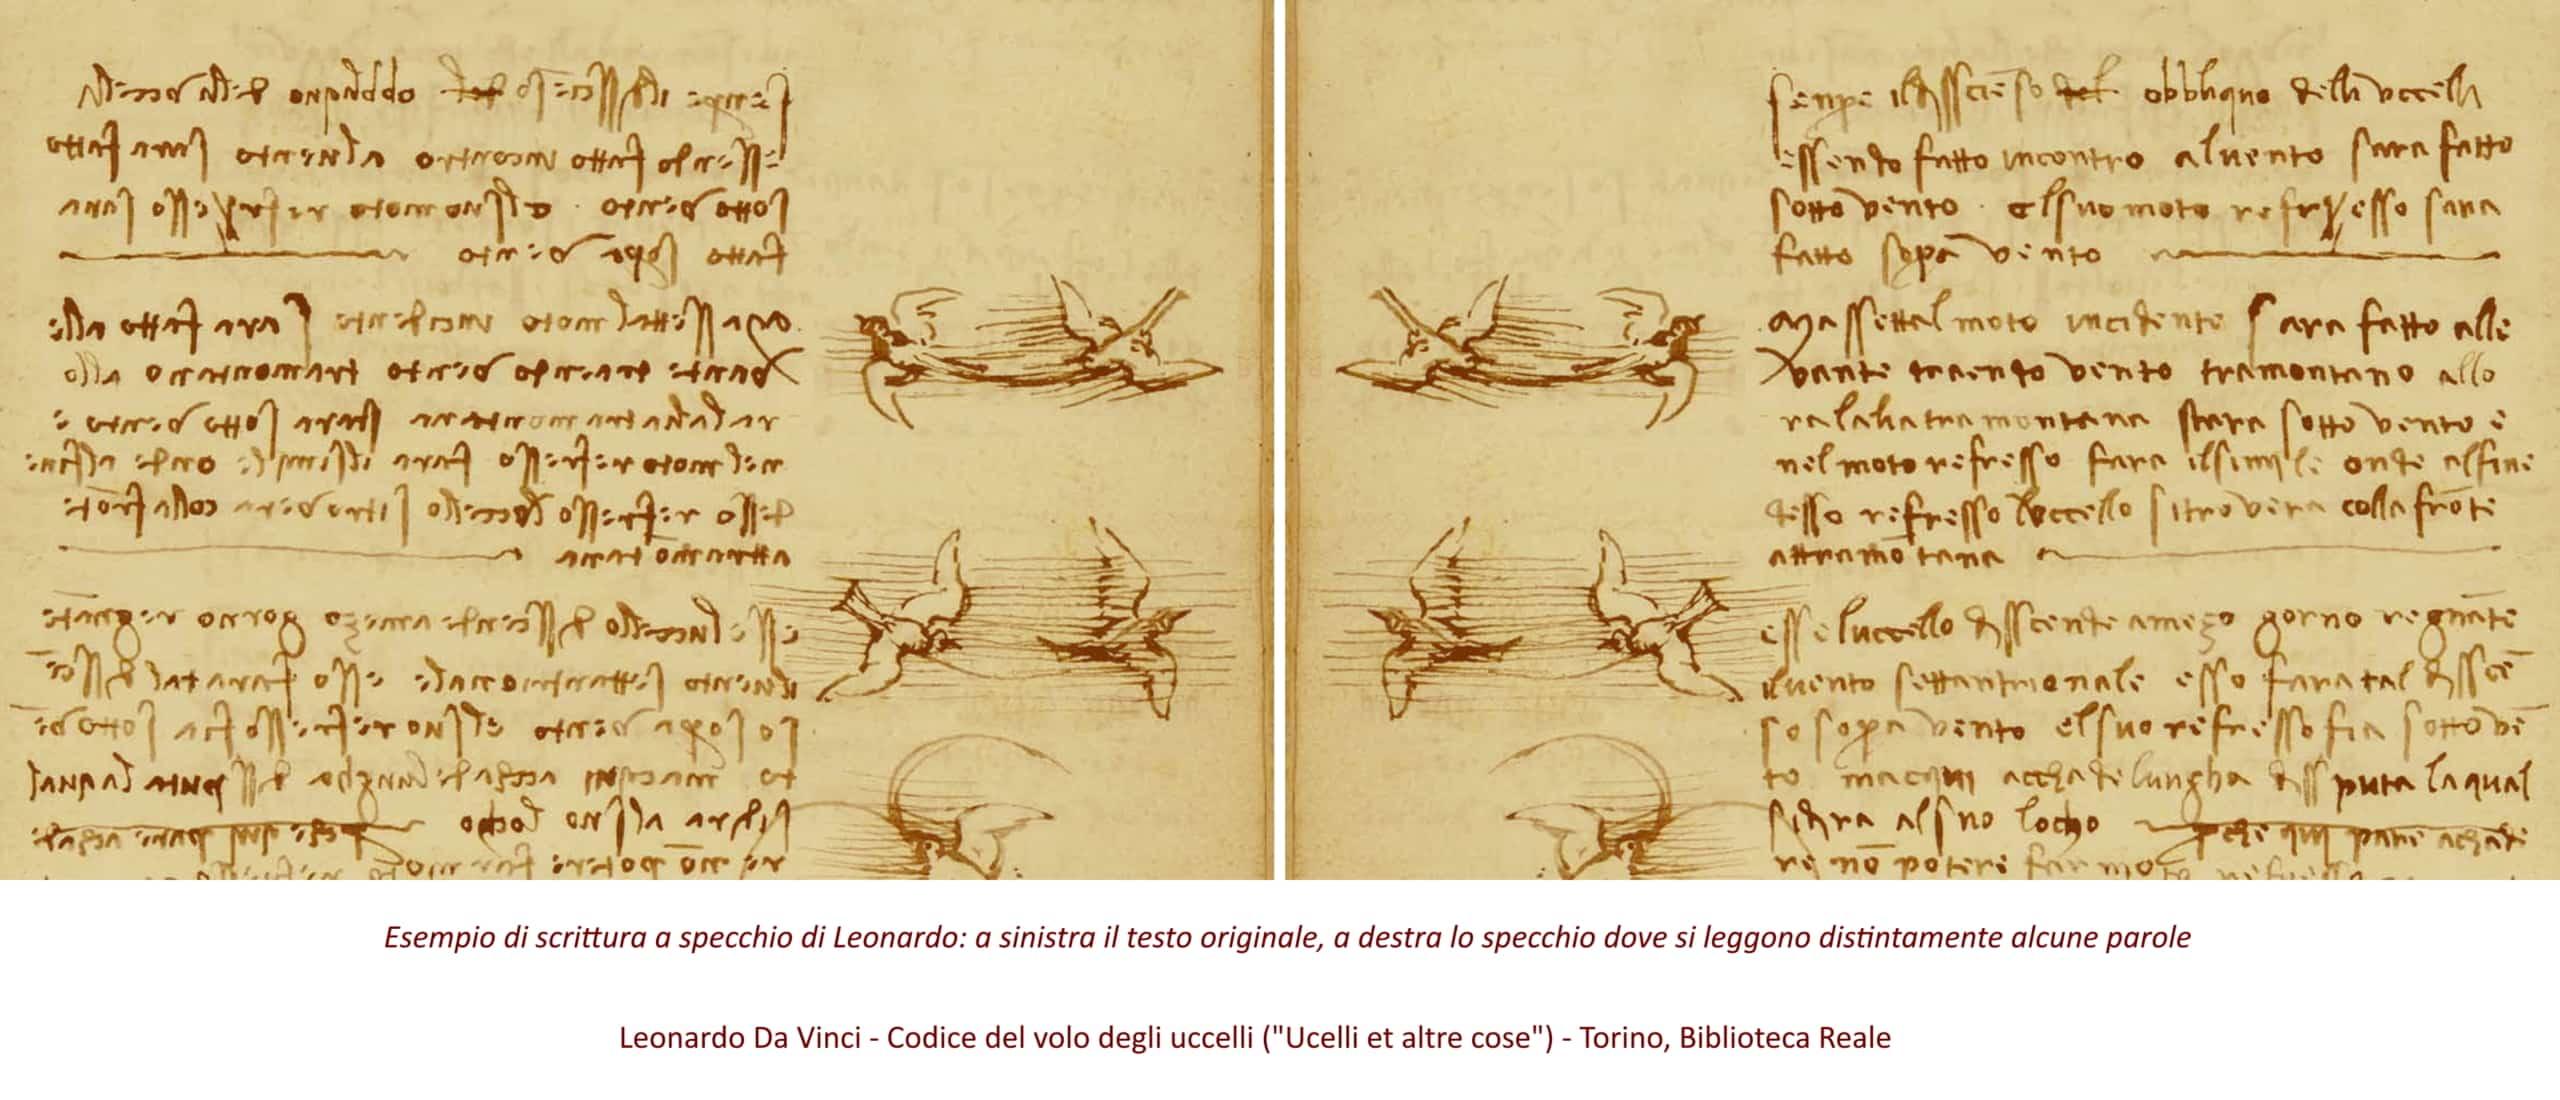 Leonardo Da Vinci: scrittura a specchio nel Codice del volo